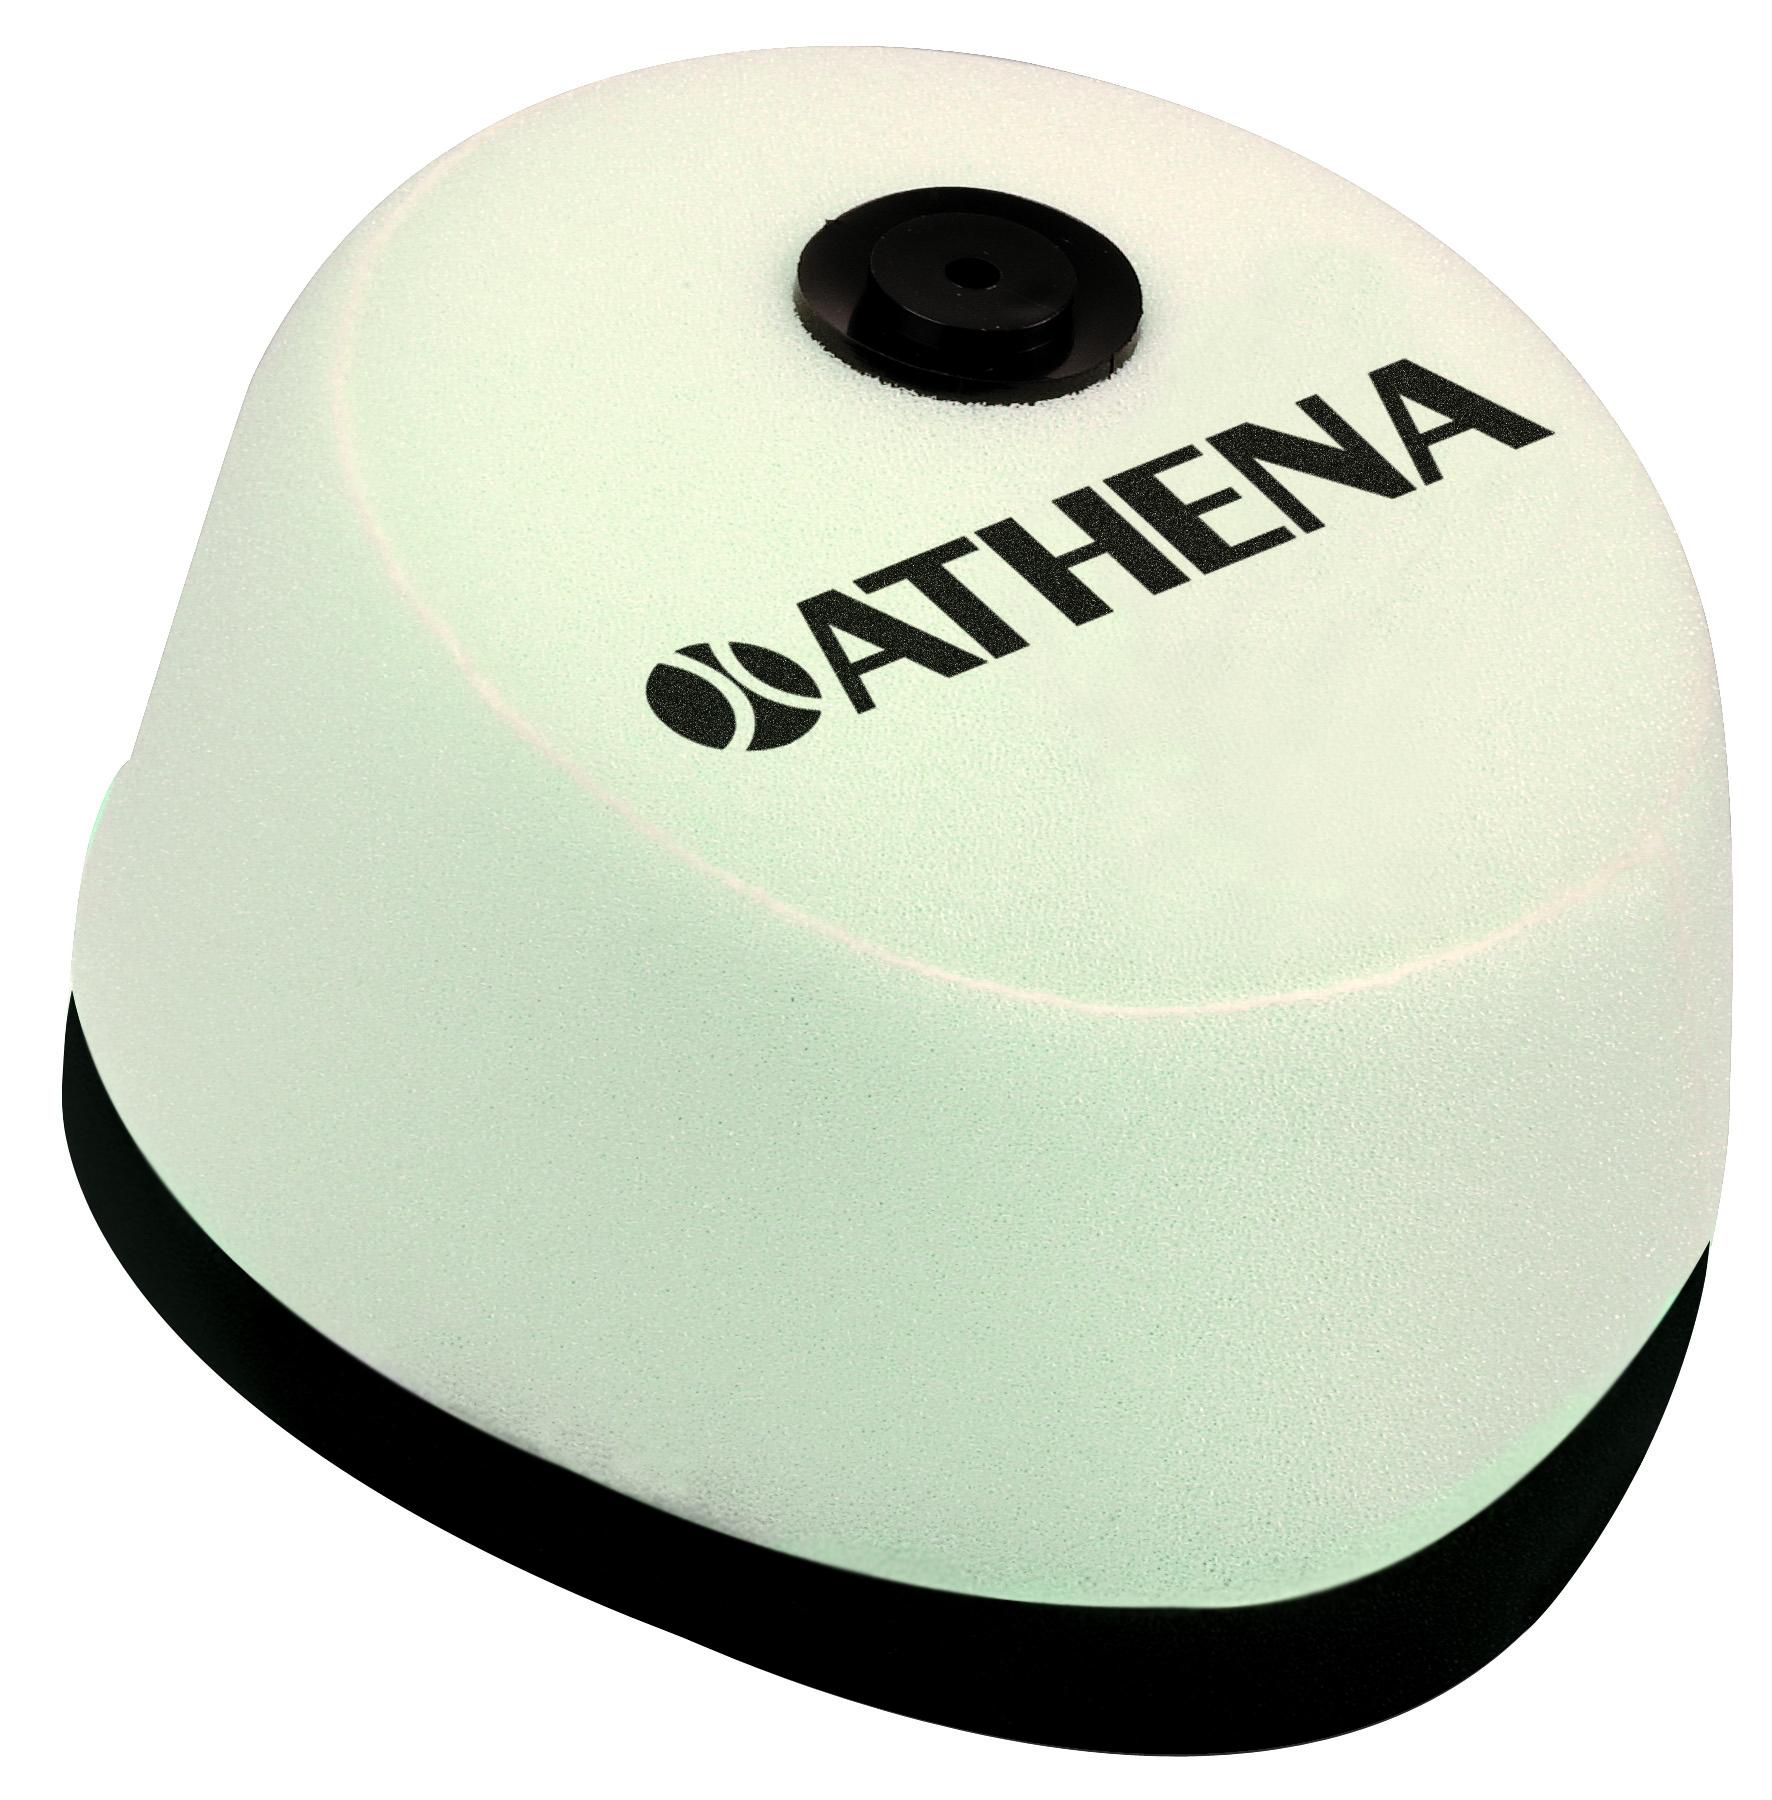 Athena Air Filters CRF250R CRF450R YZ125 YZ250F YZ450F RMZ250 RMZ450 65 SX 125 250 450 SXF KX250F KX450F